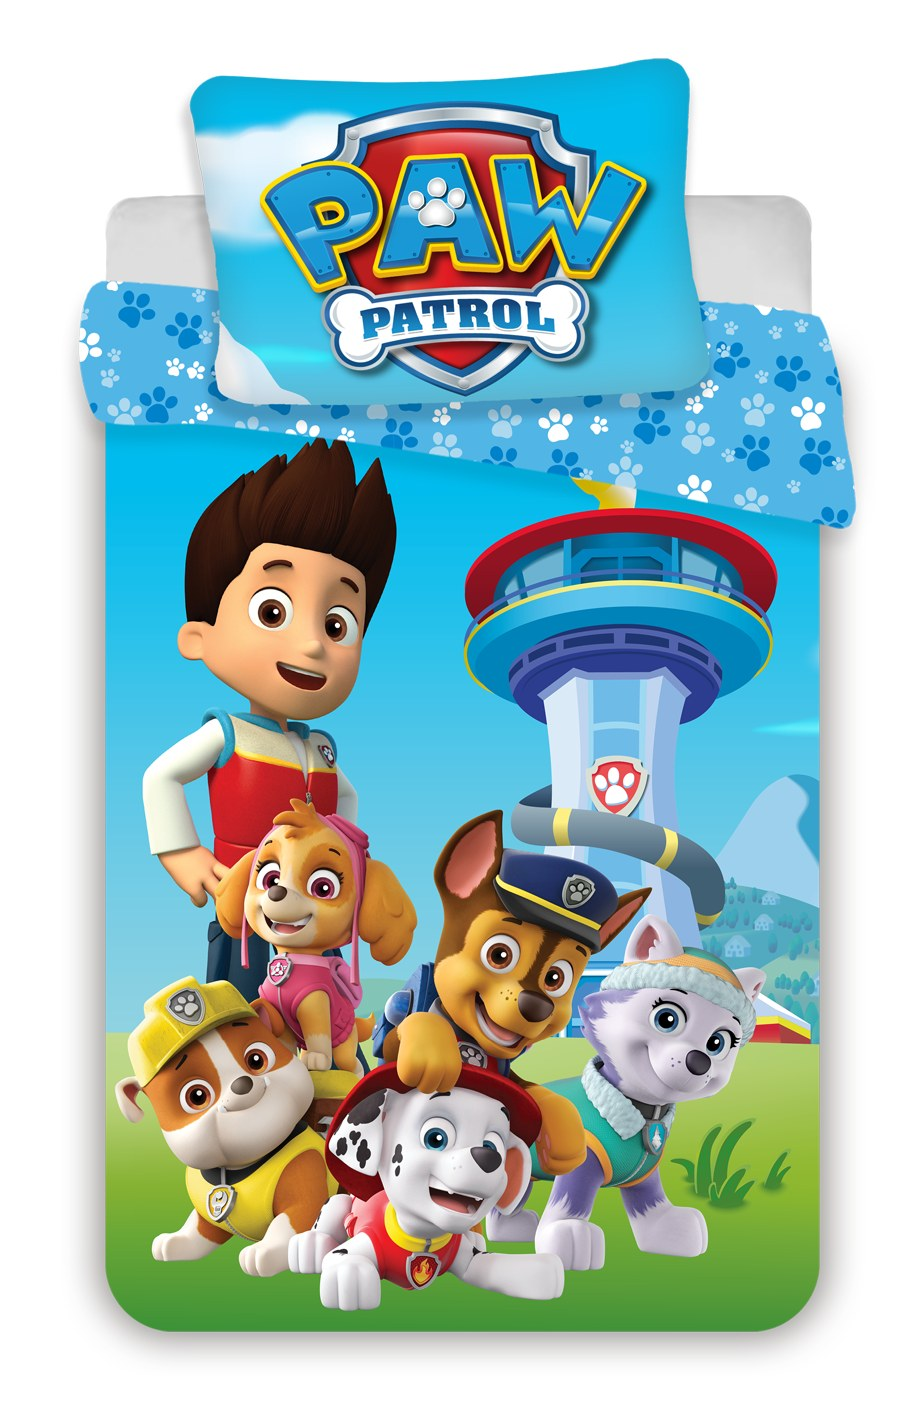 Disney povlečení do postýlky Paw Patrol 1015 baby 100x135, 40x60 cm